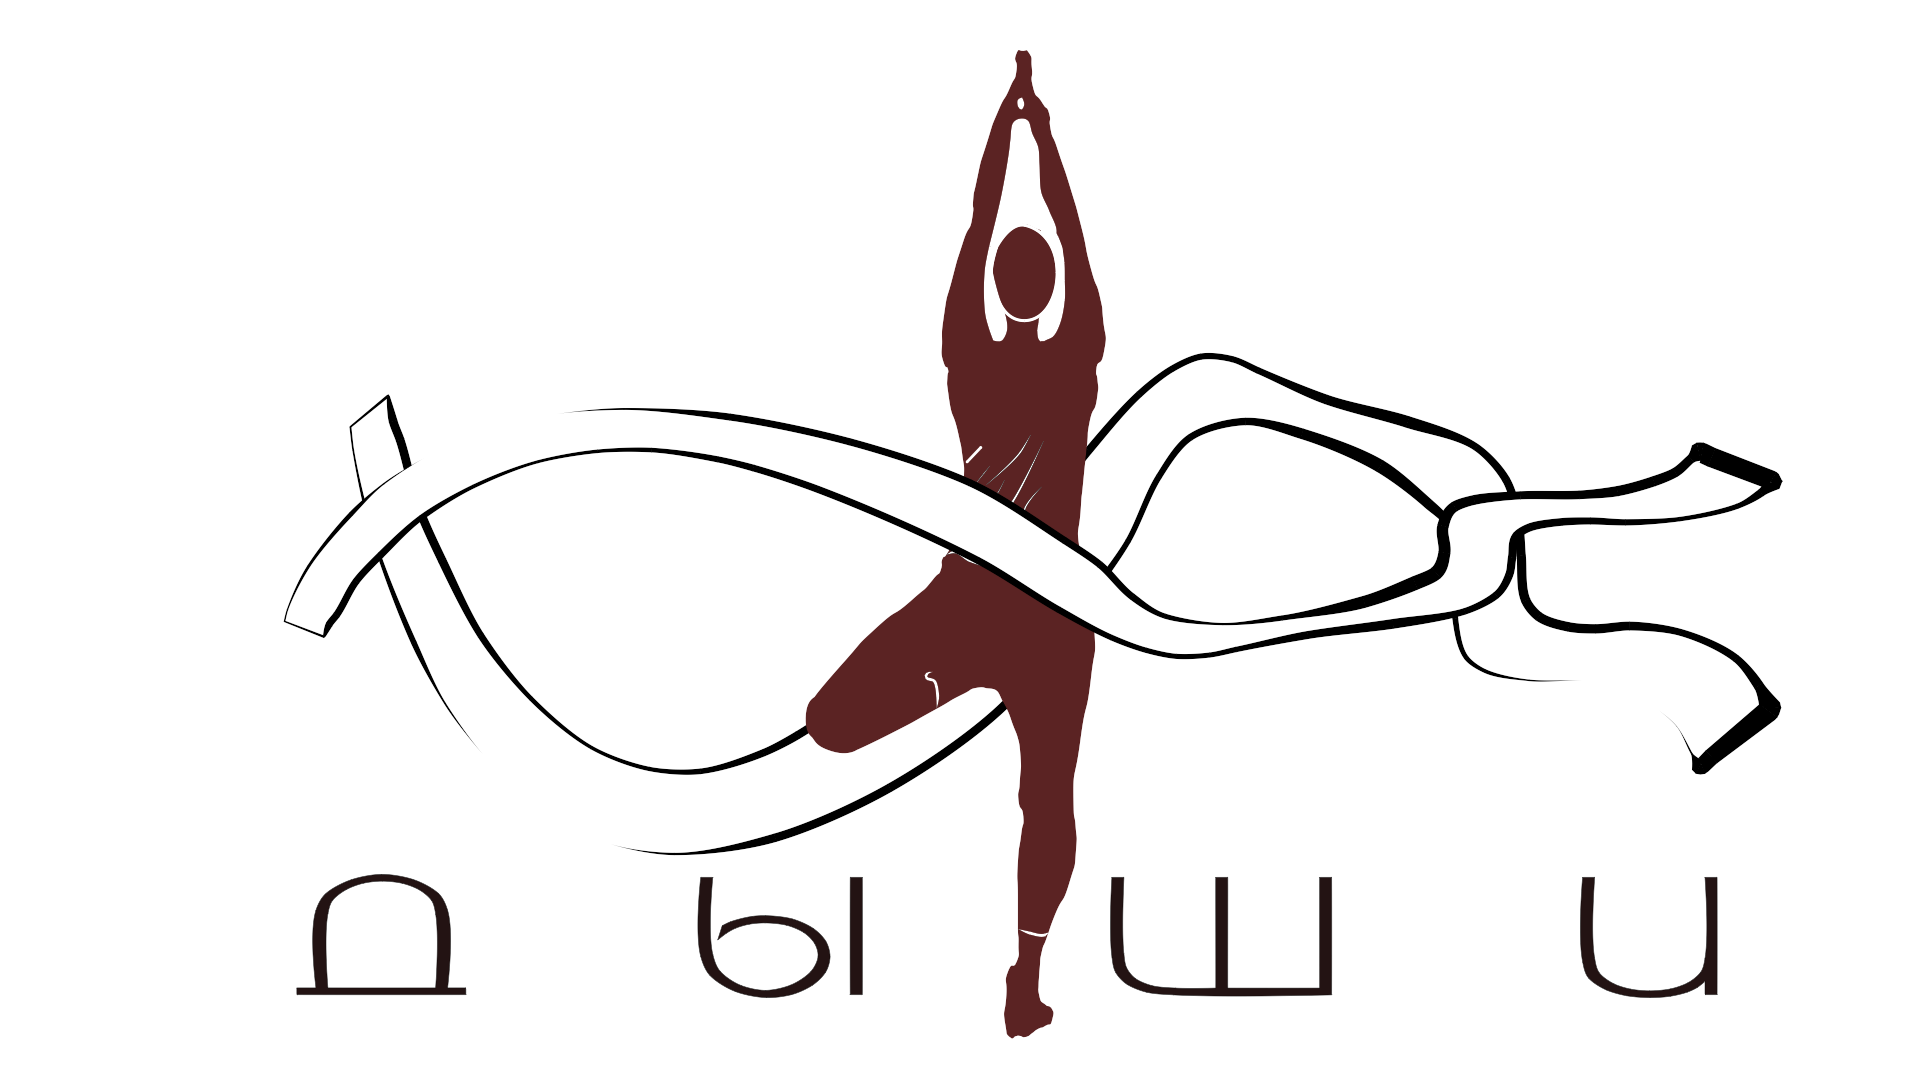 """Логотип для студии """"Дыши""""  и фирменный стиль фото f_84356f13d4a8e8c5.png"""